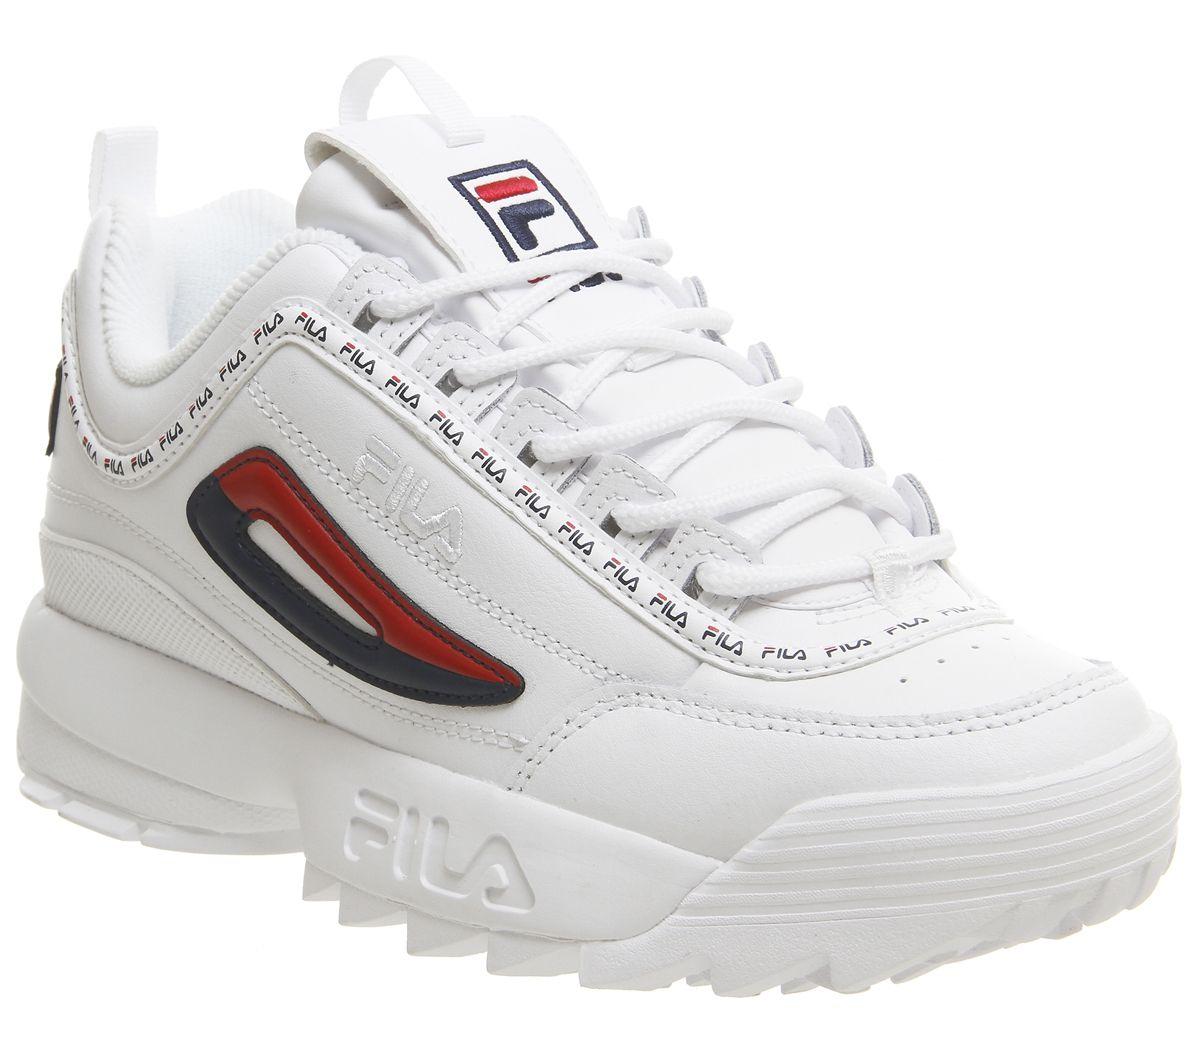 6f756bc6743 CENTINELA Para mujer Fila Disruptor Ii entrenadores blanca repetir zapatos  de formadores